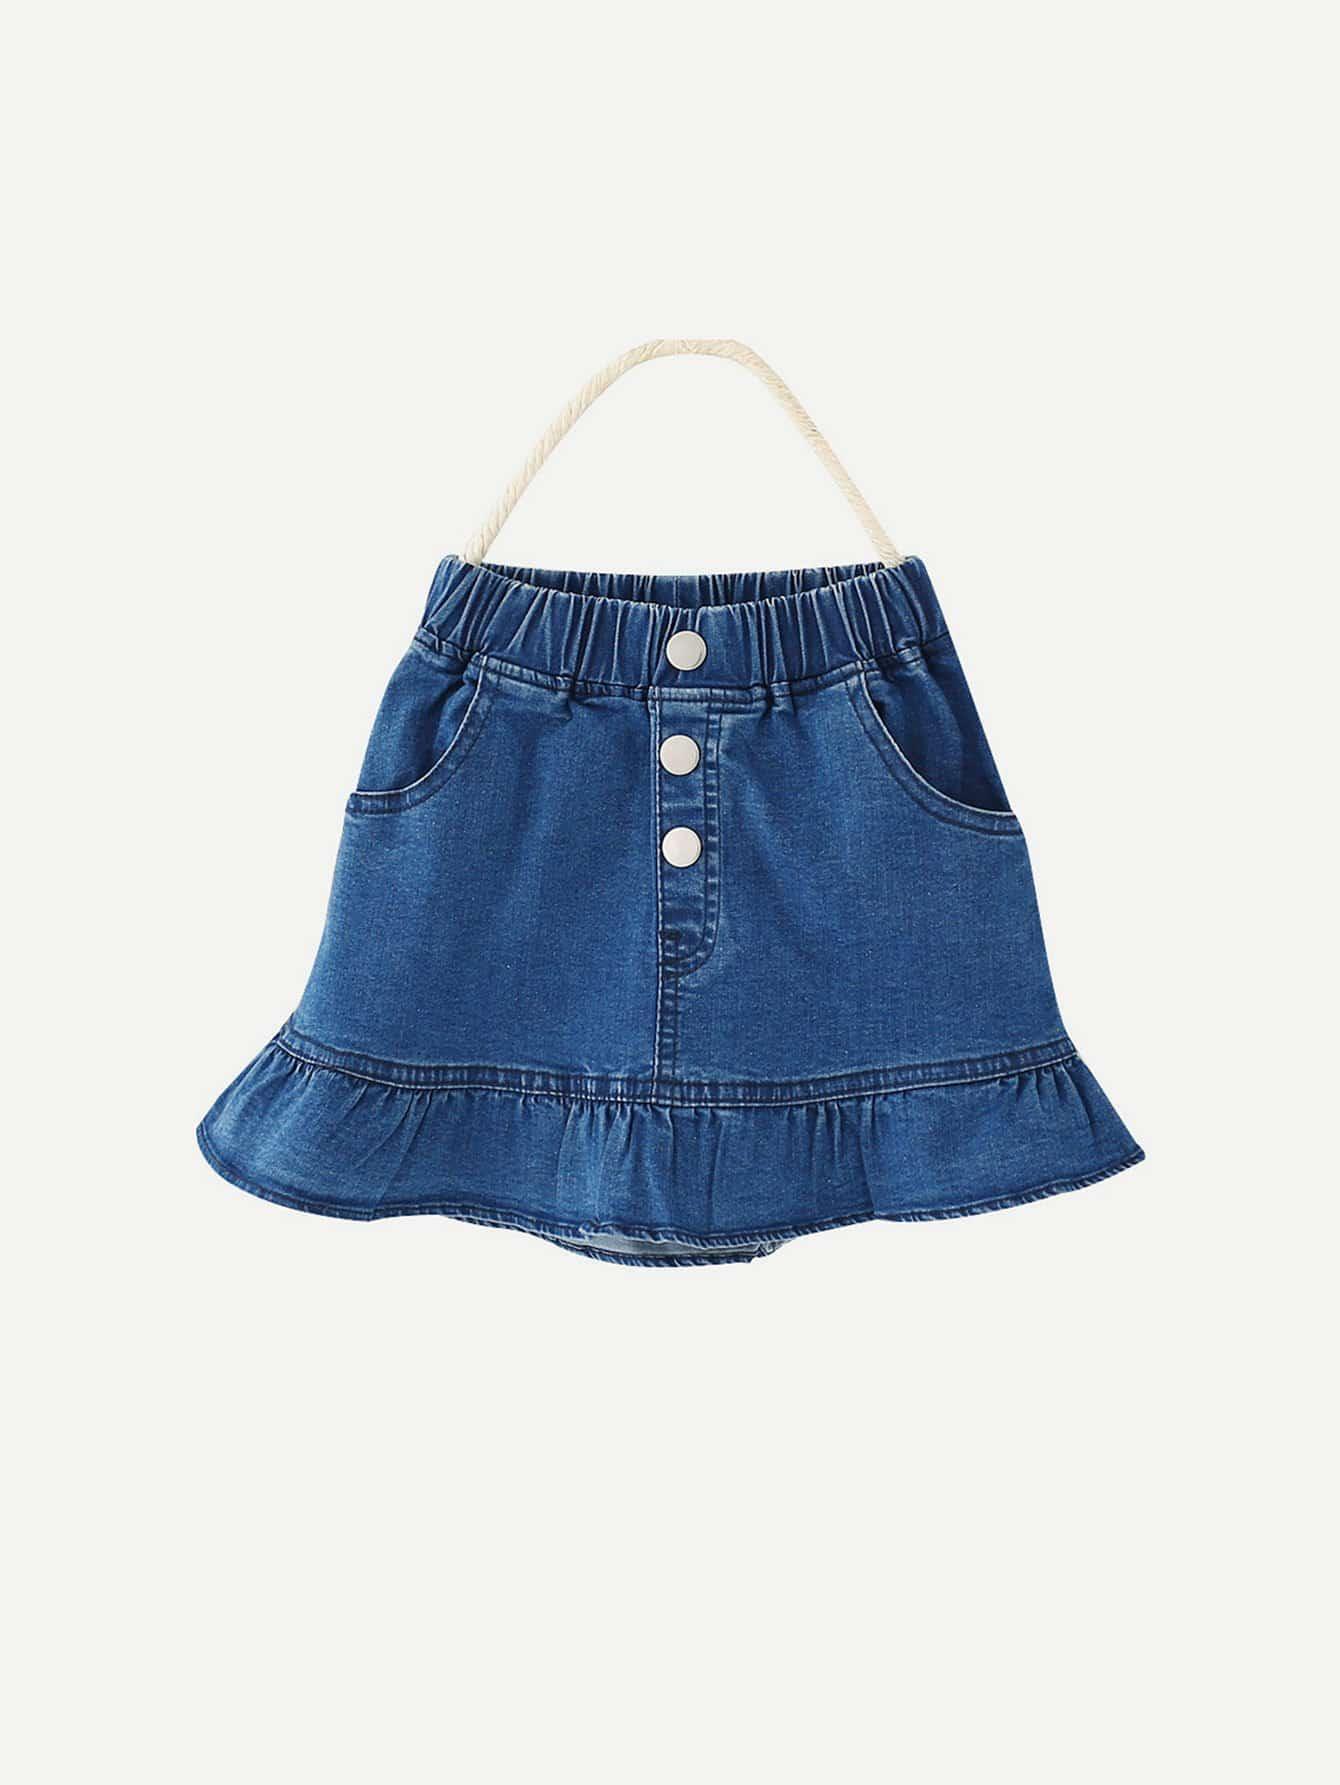 Купить Пуговица Синий Джинсовые изделия для девочек, null, SheIn